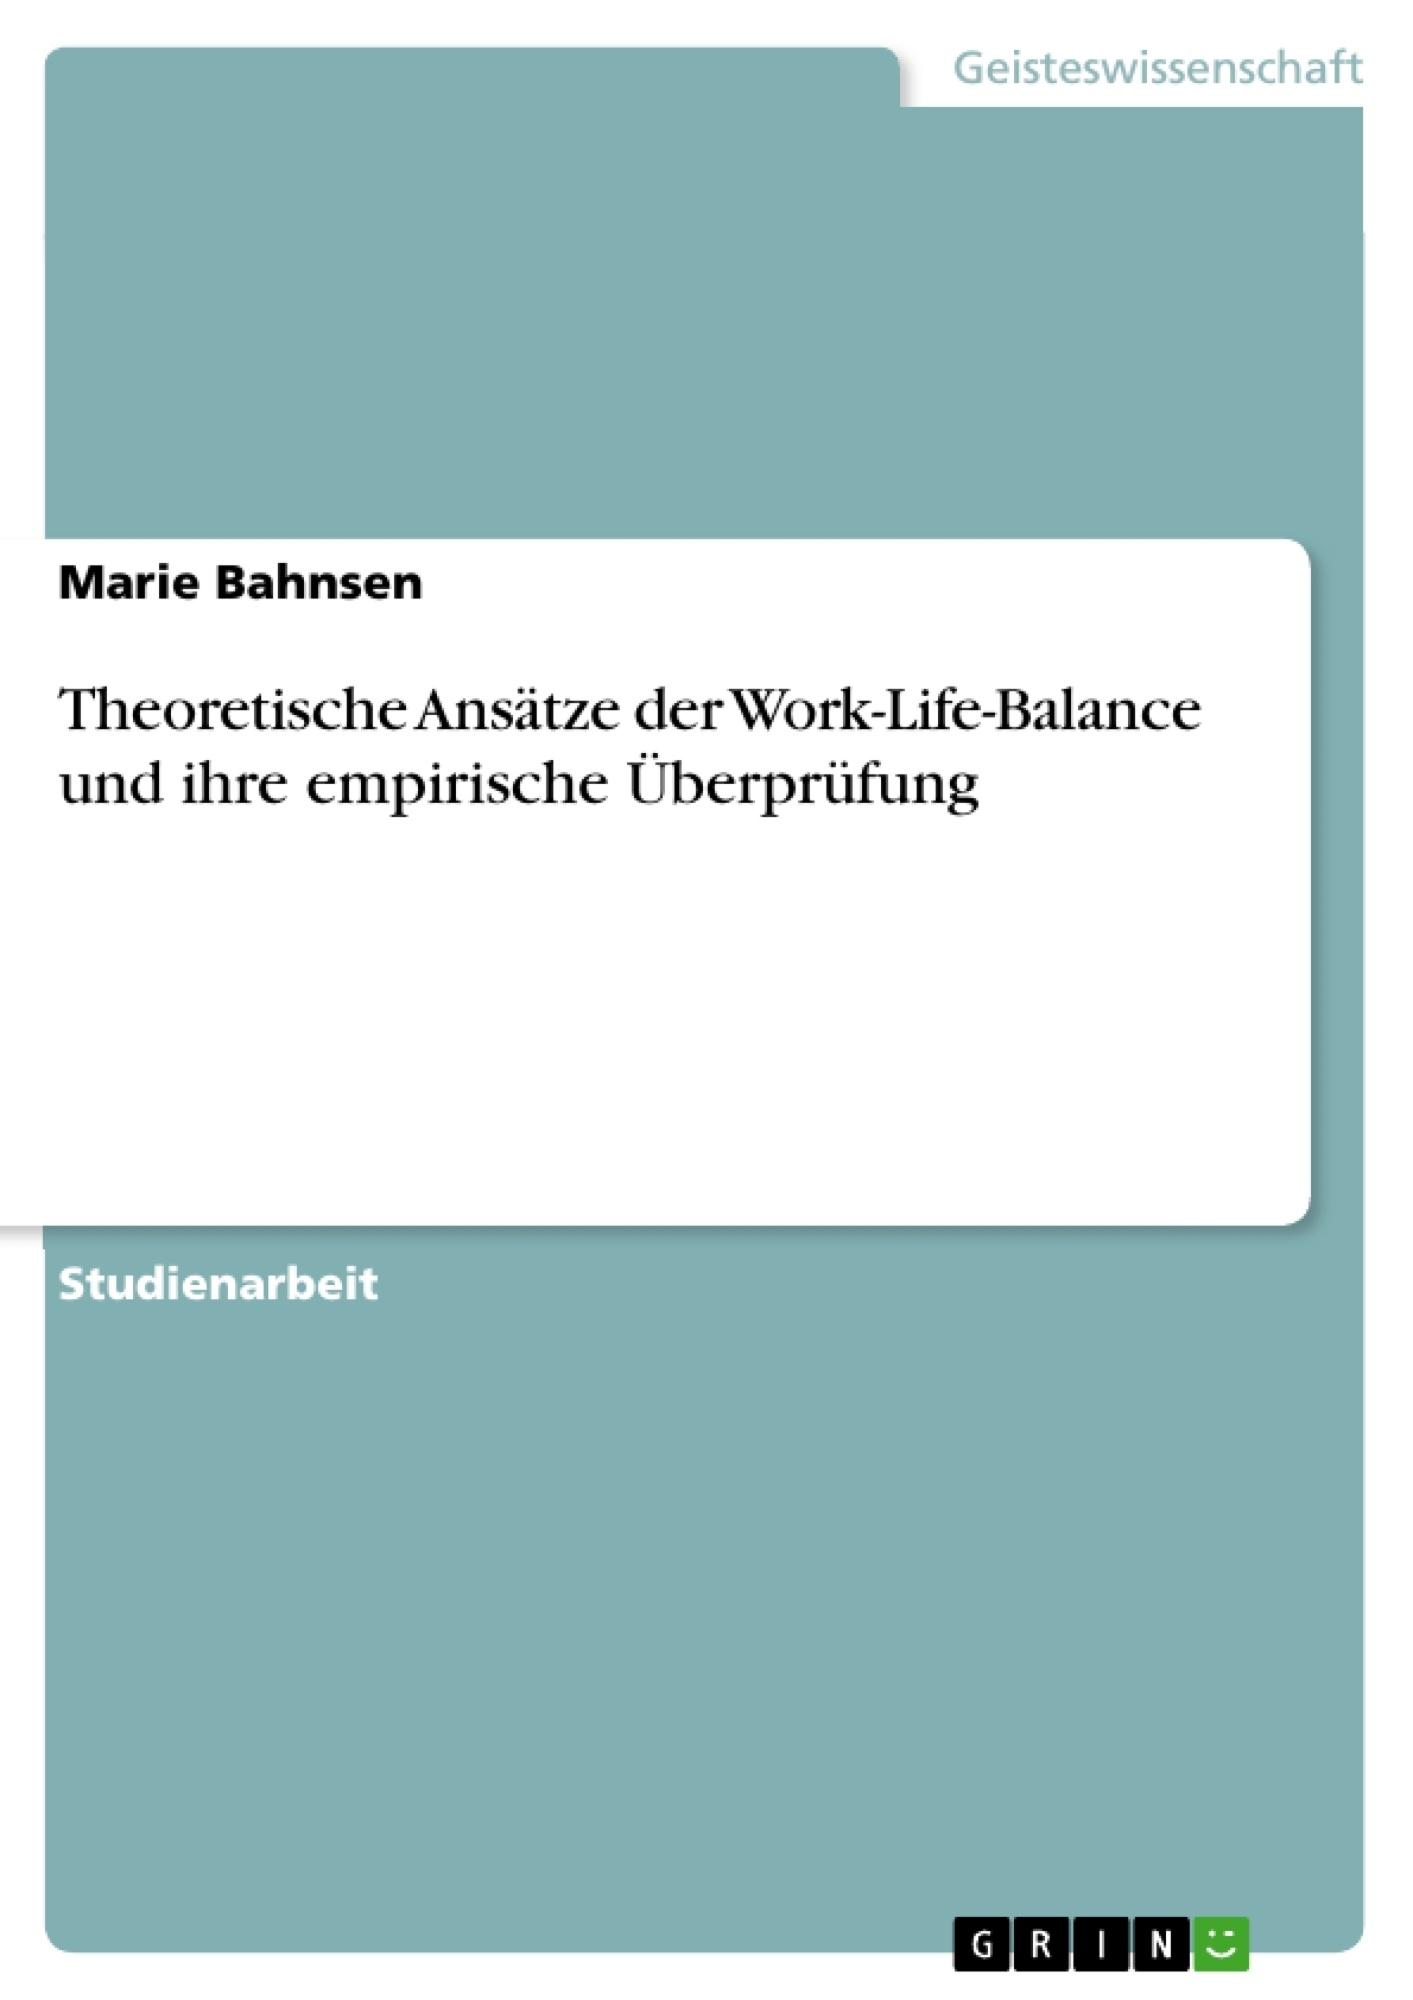 Titel: Theoretische Ansätze der Work-Life-Balance und ihre empirische Überprüfung